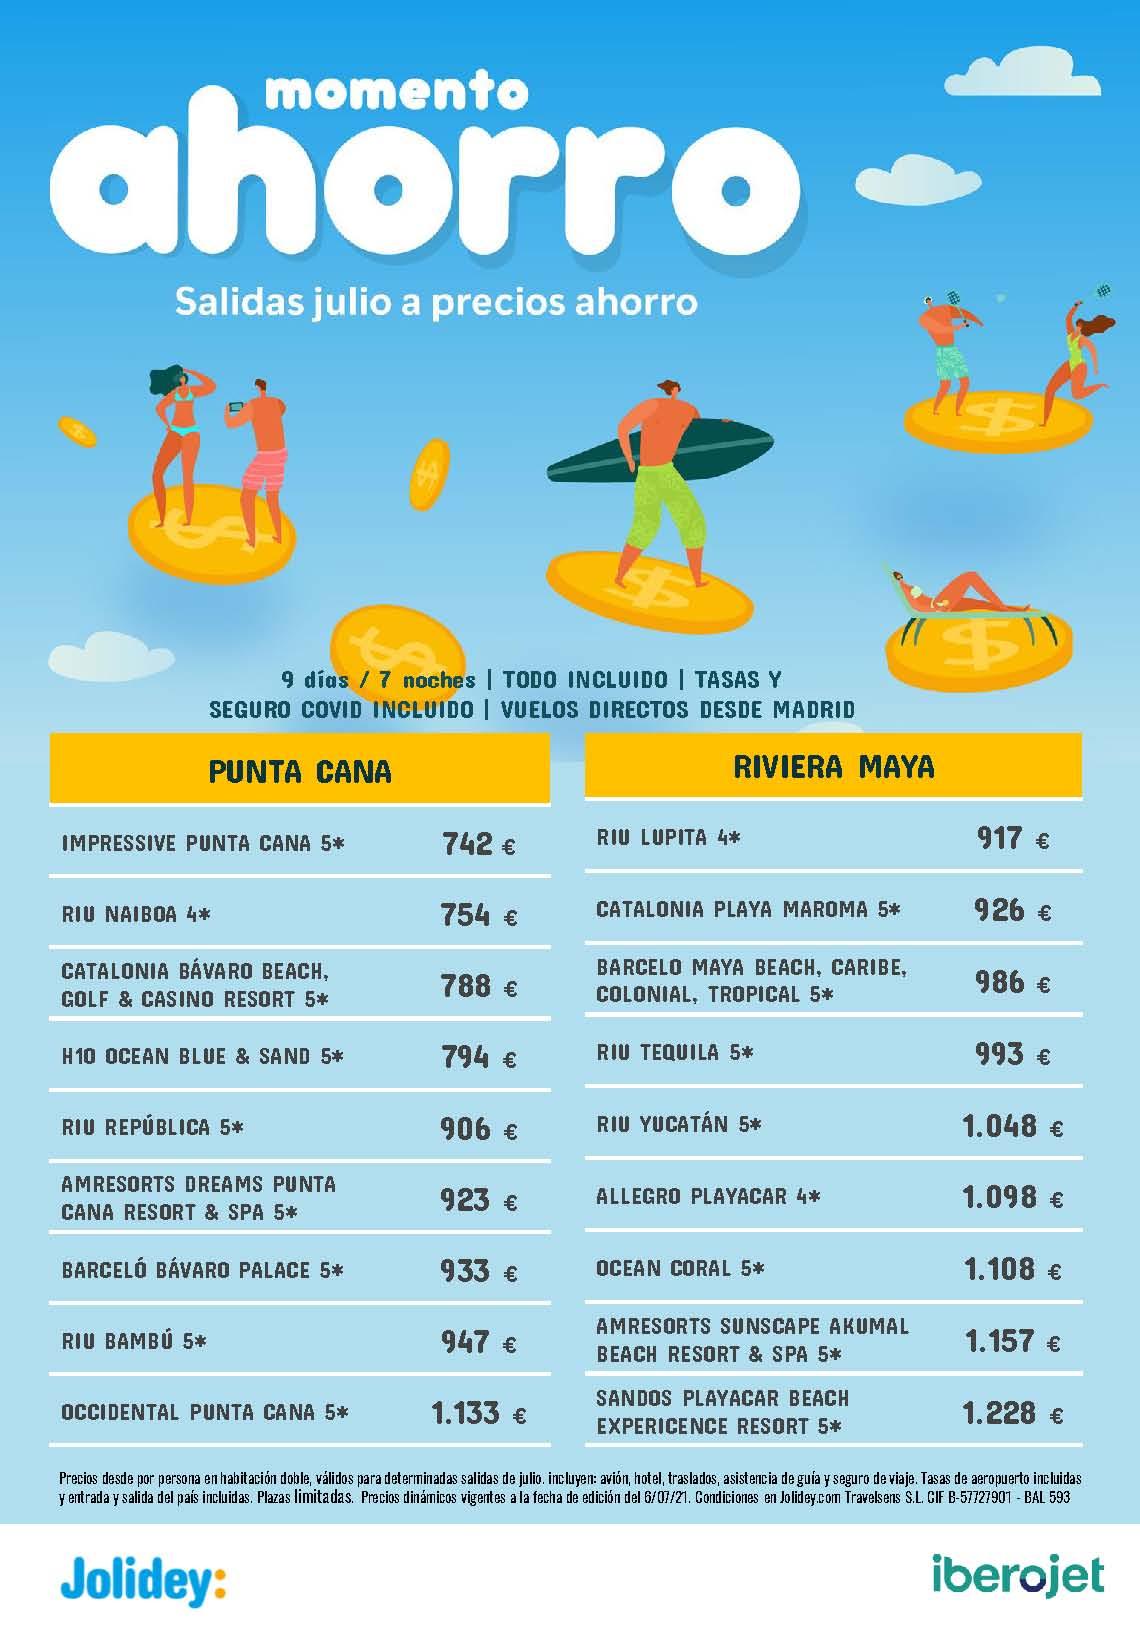 Ofertas Jolidey Julio 2021 ahorro Punta Cana vuelo directo desde Madrid